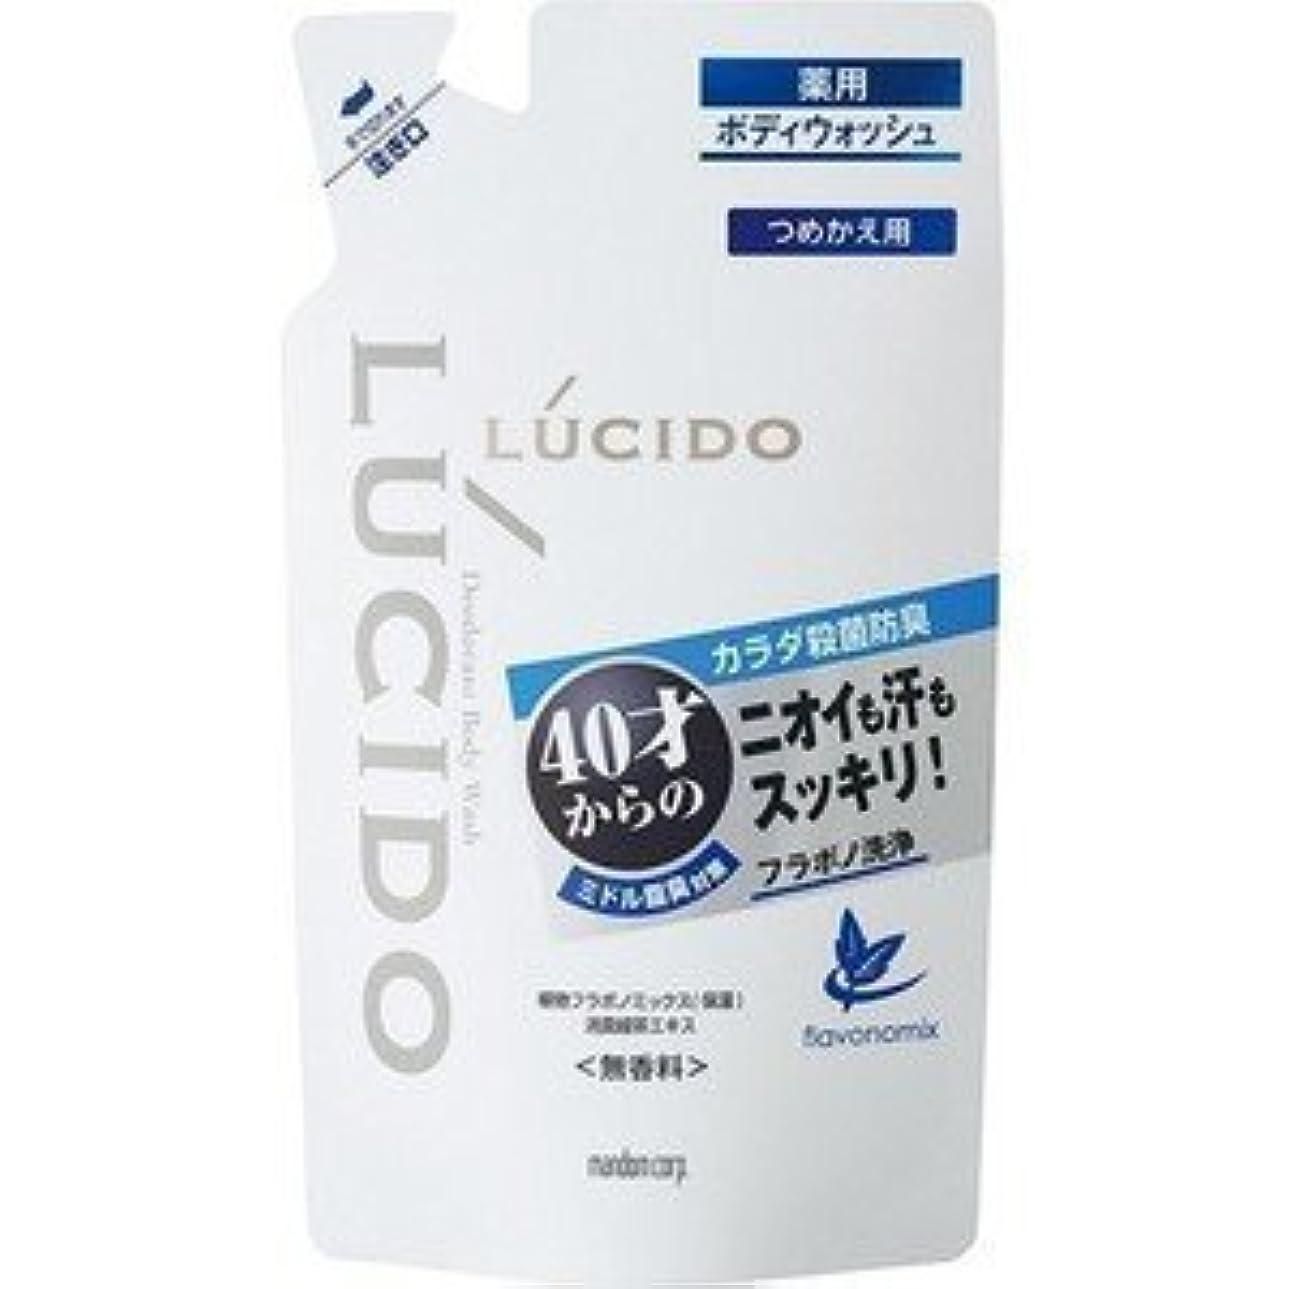 いっぱい劇的灌漑【LUCIDO】ルシード 薬用デオドラントボディウォッシュ つめかえ用 380ml(医薬部外品)